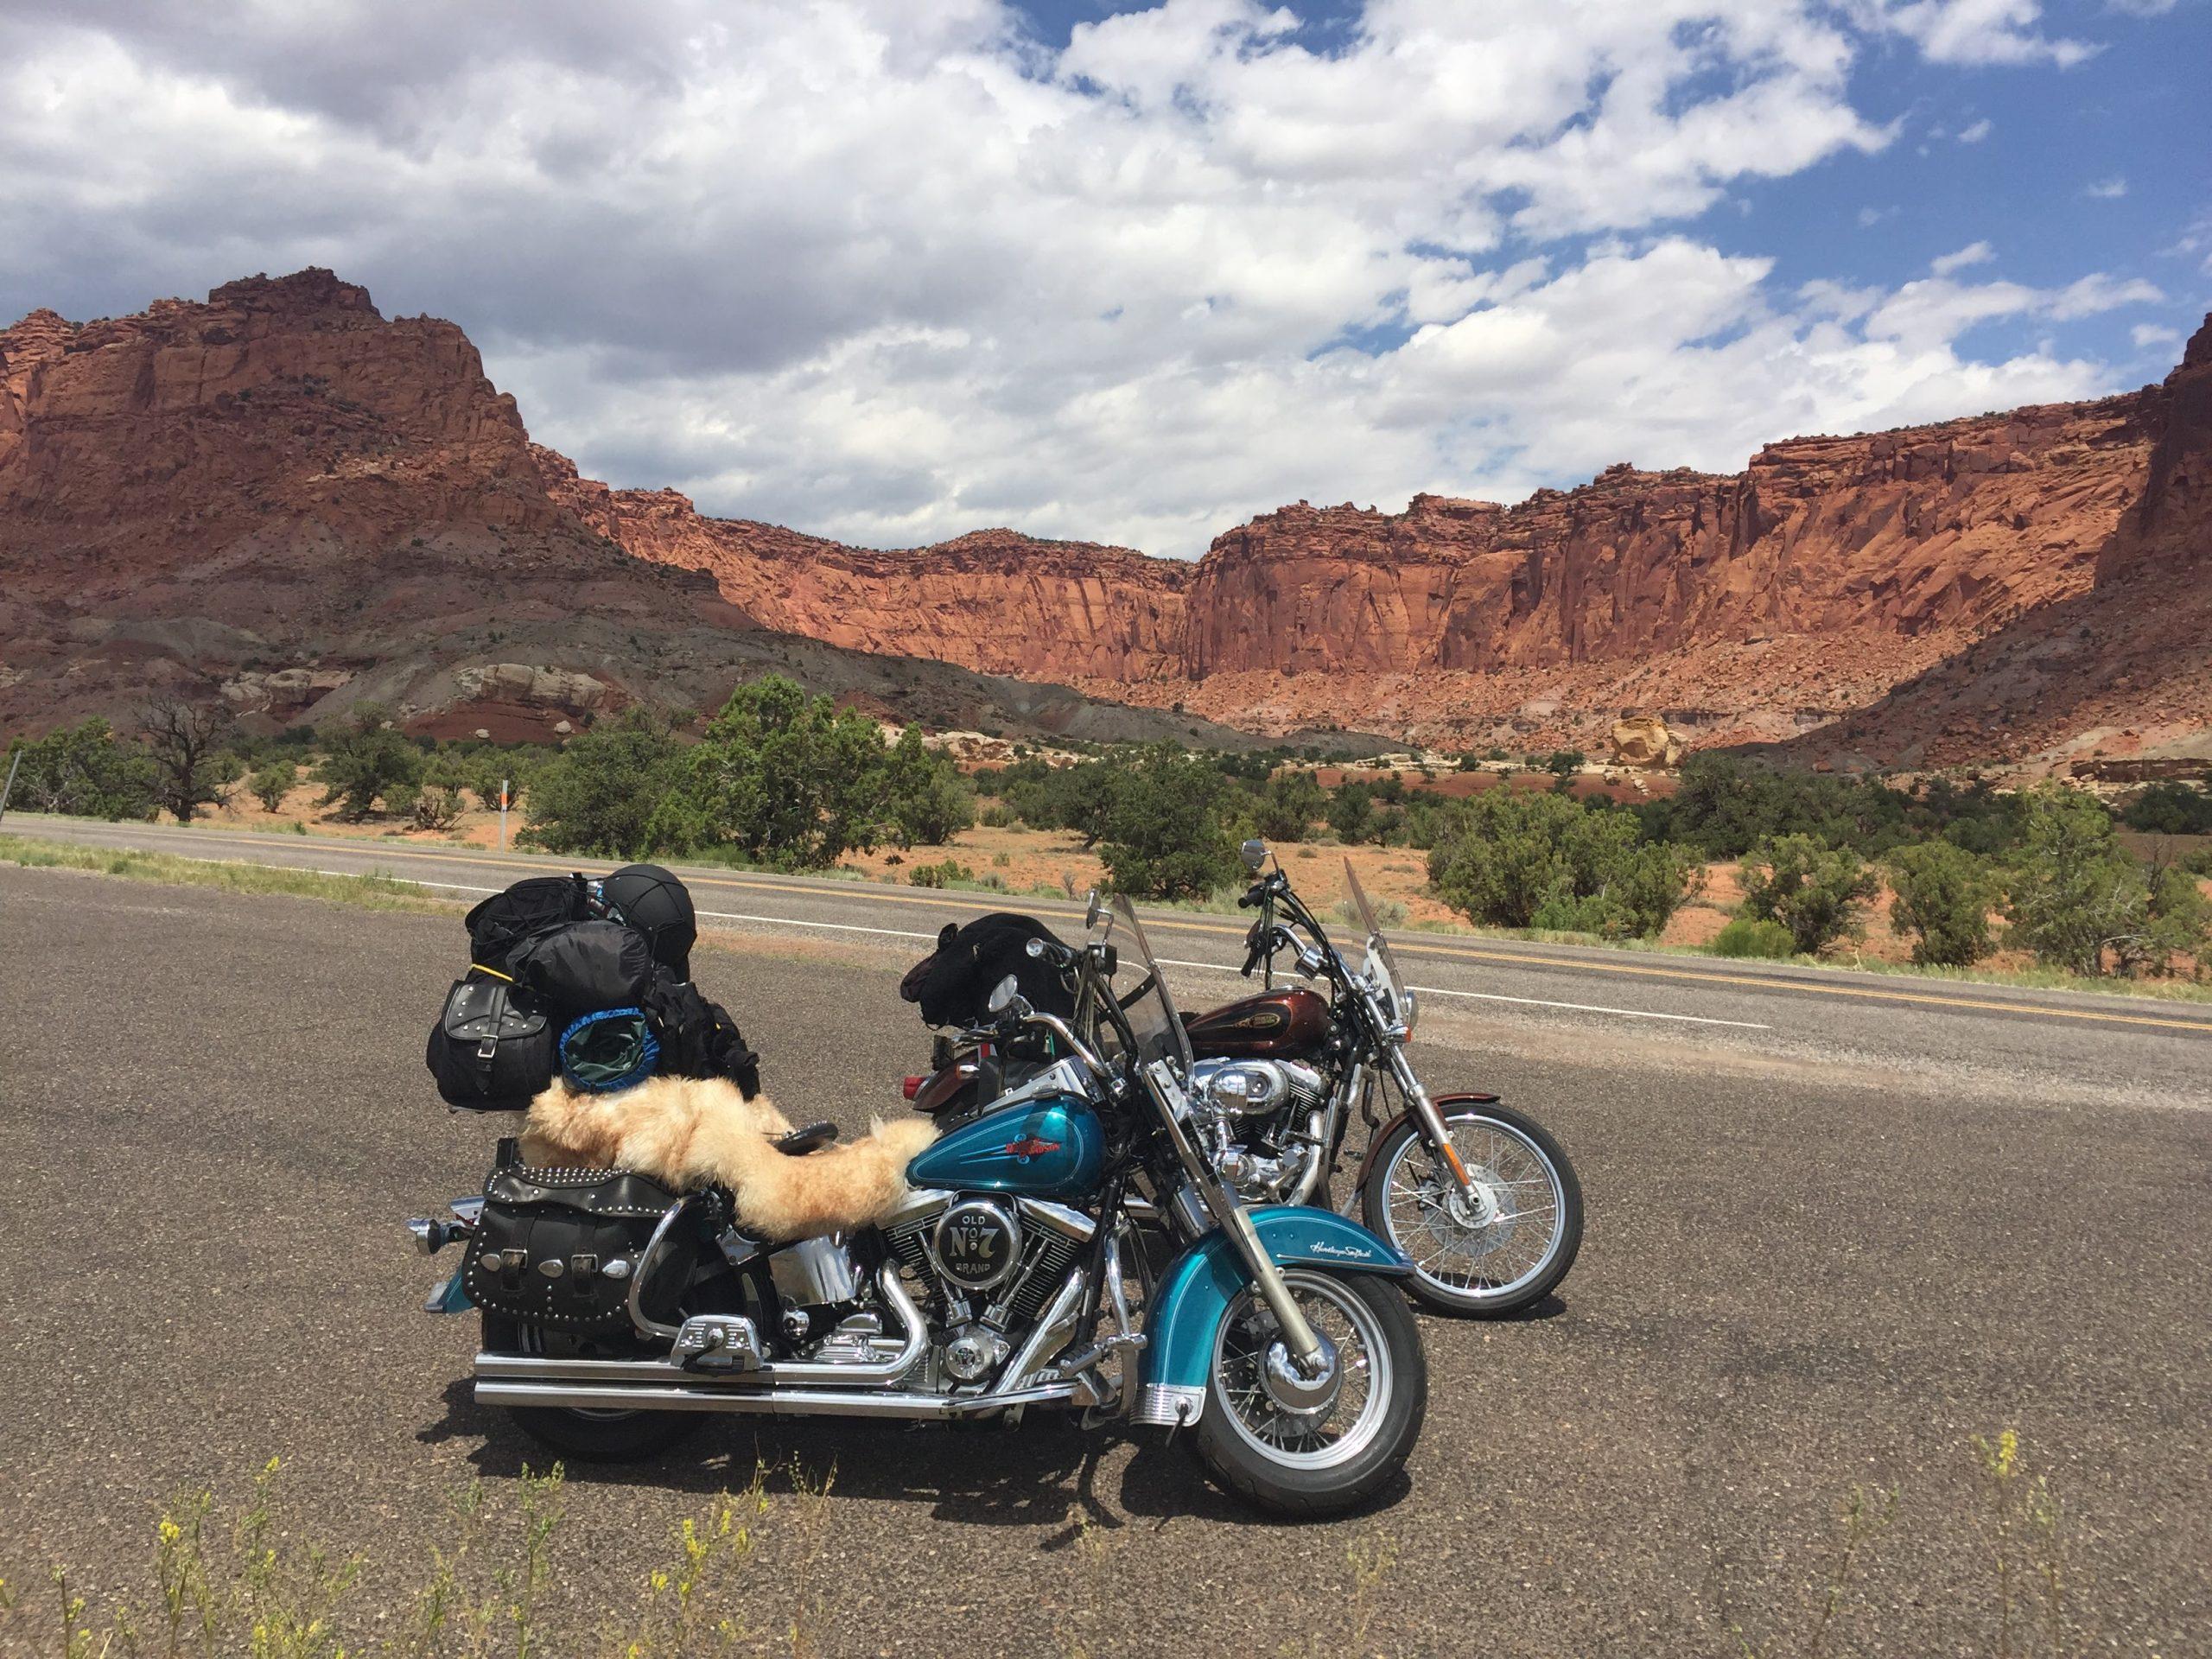 Utah - motorcycle road trip heaven